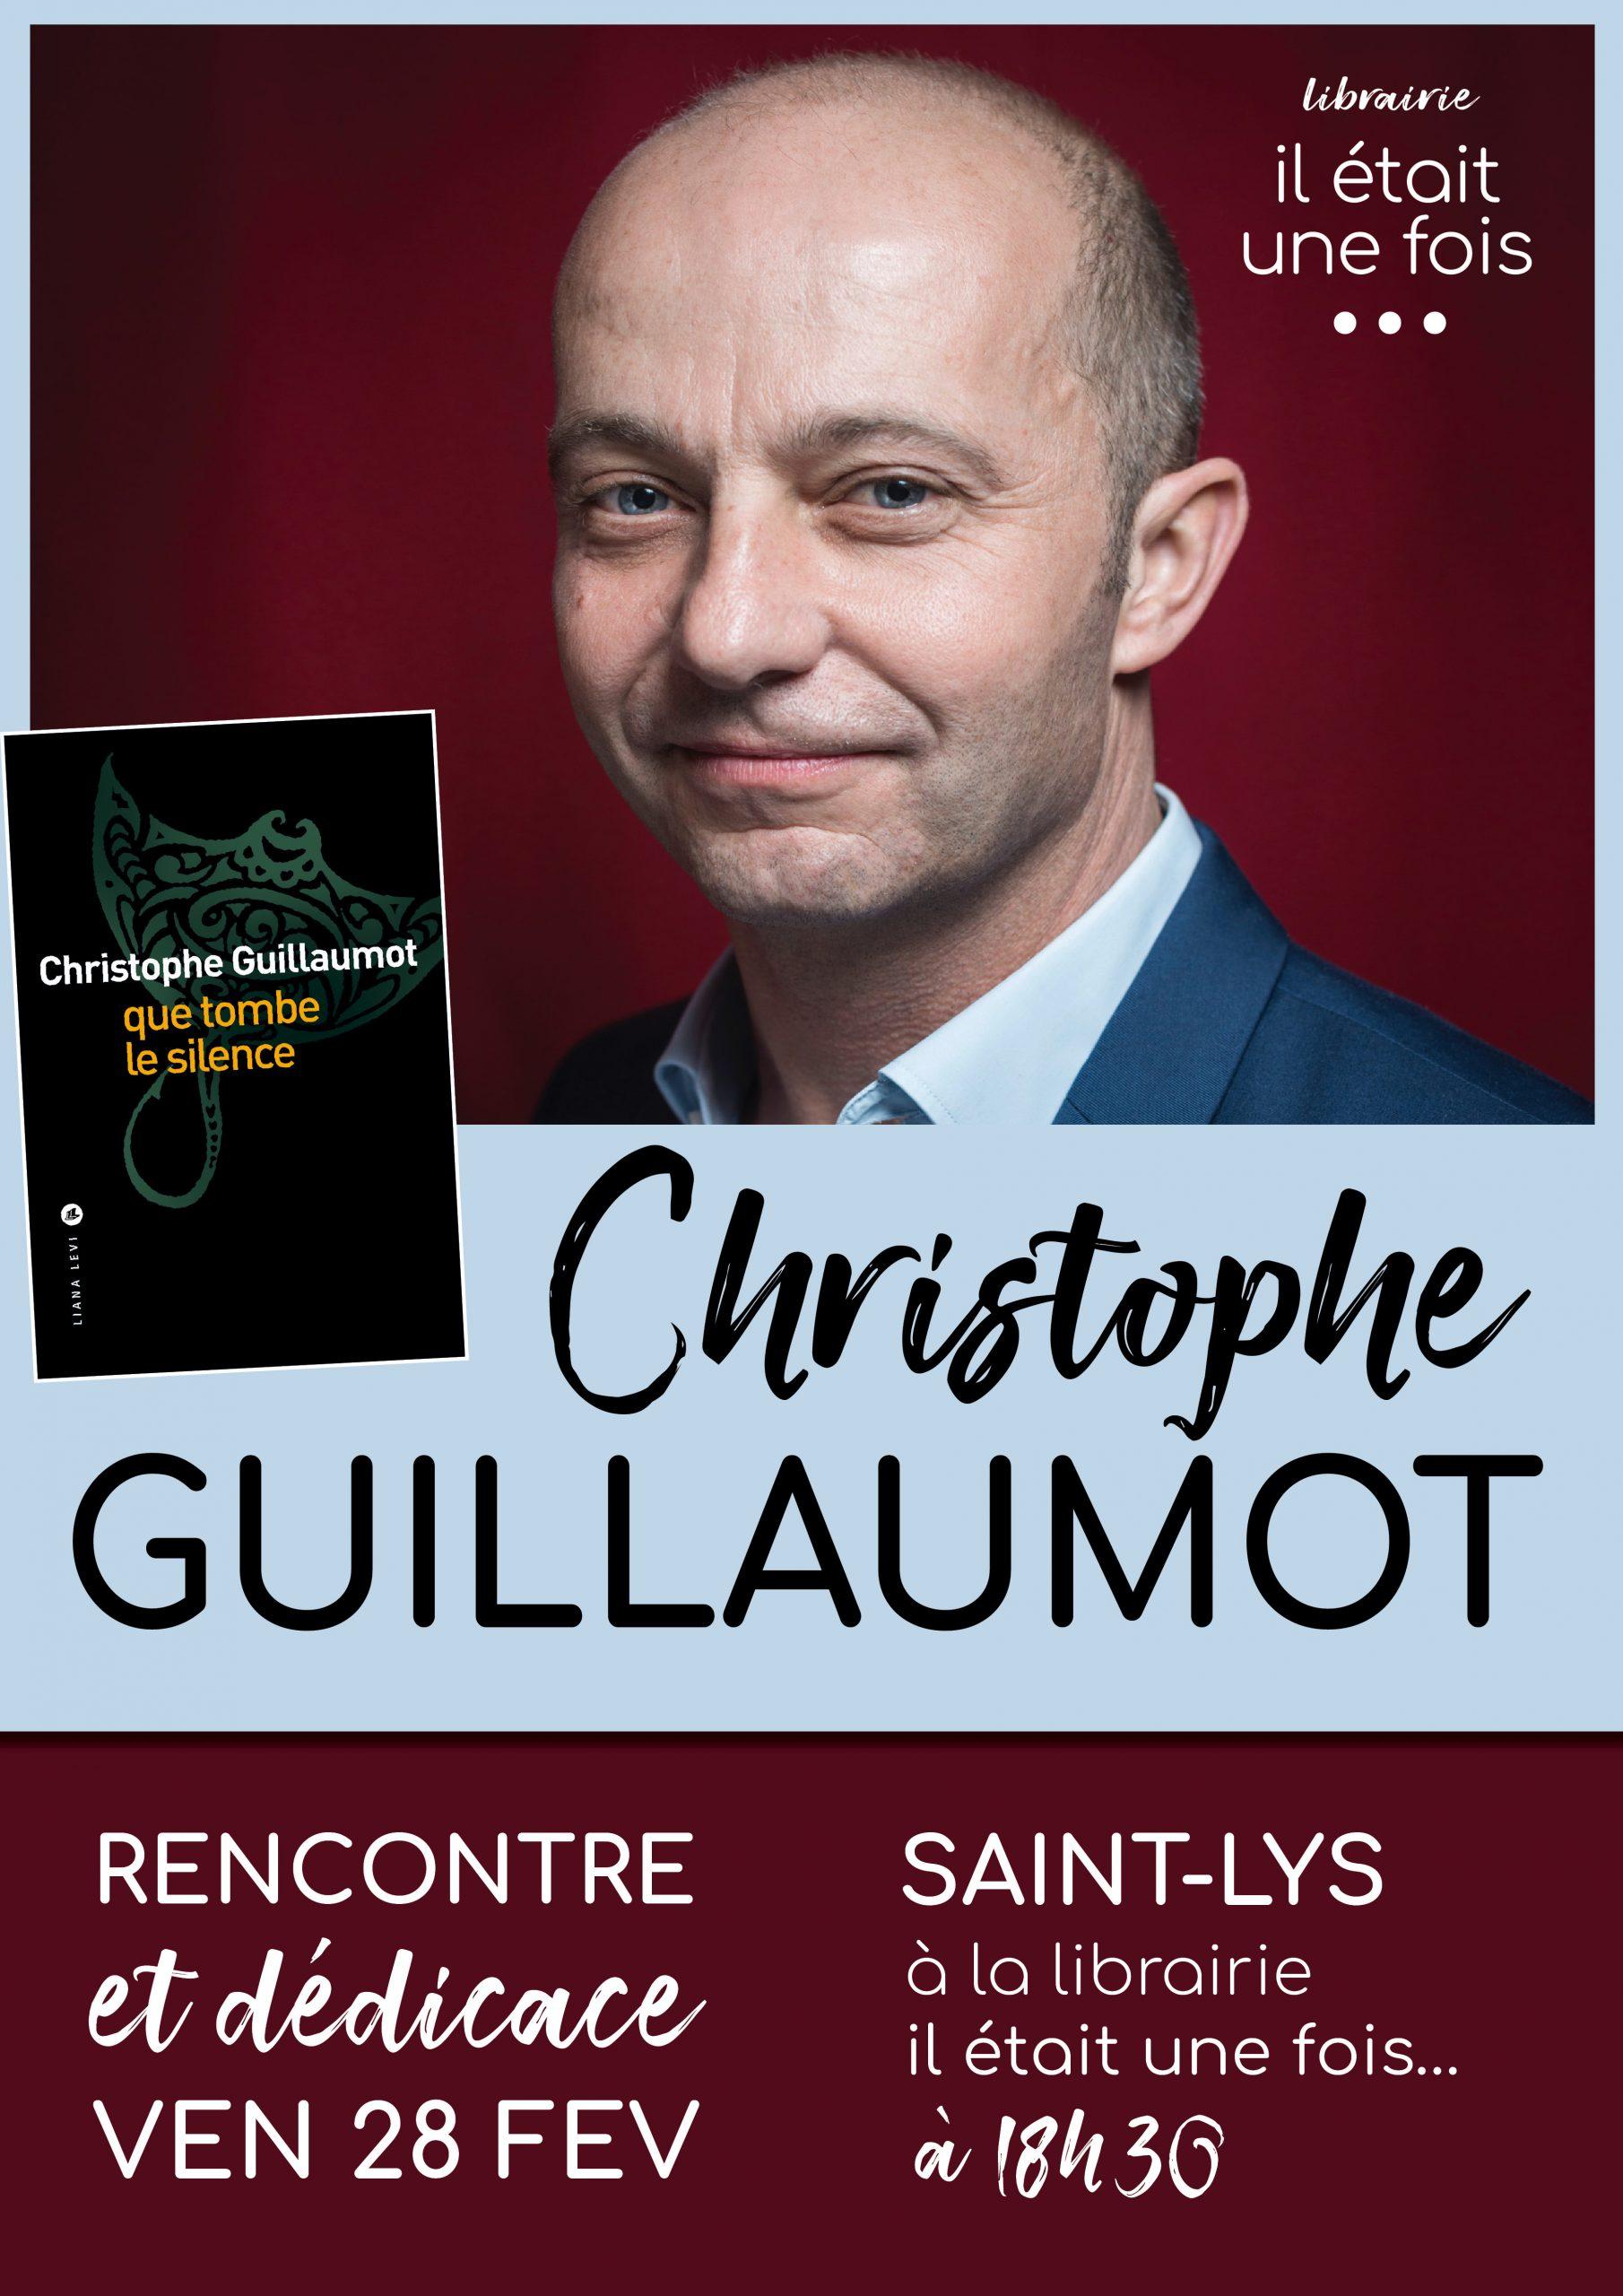 Christophe Guillaumot